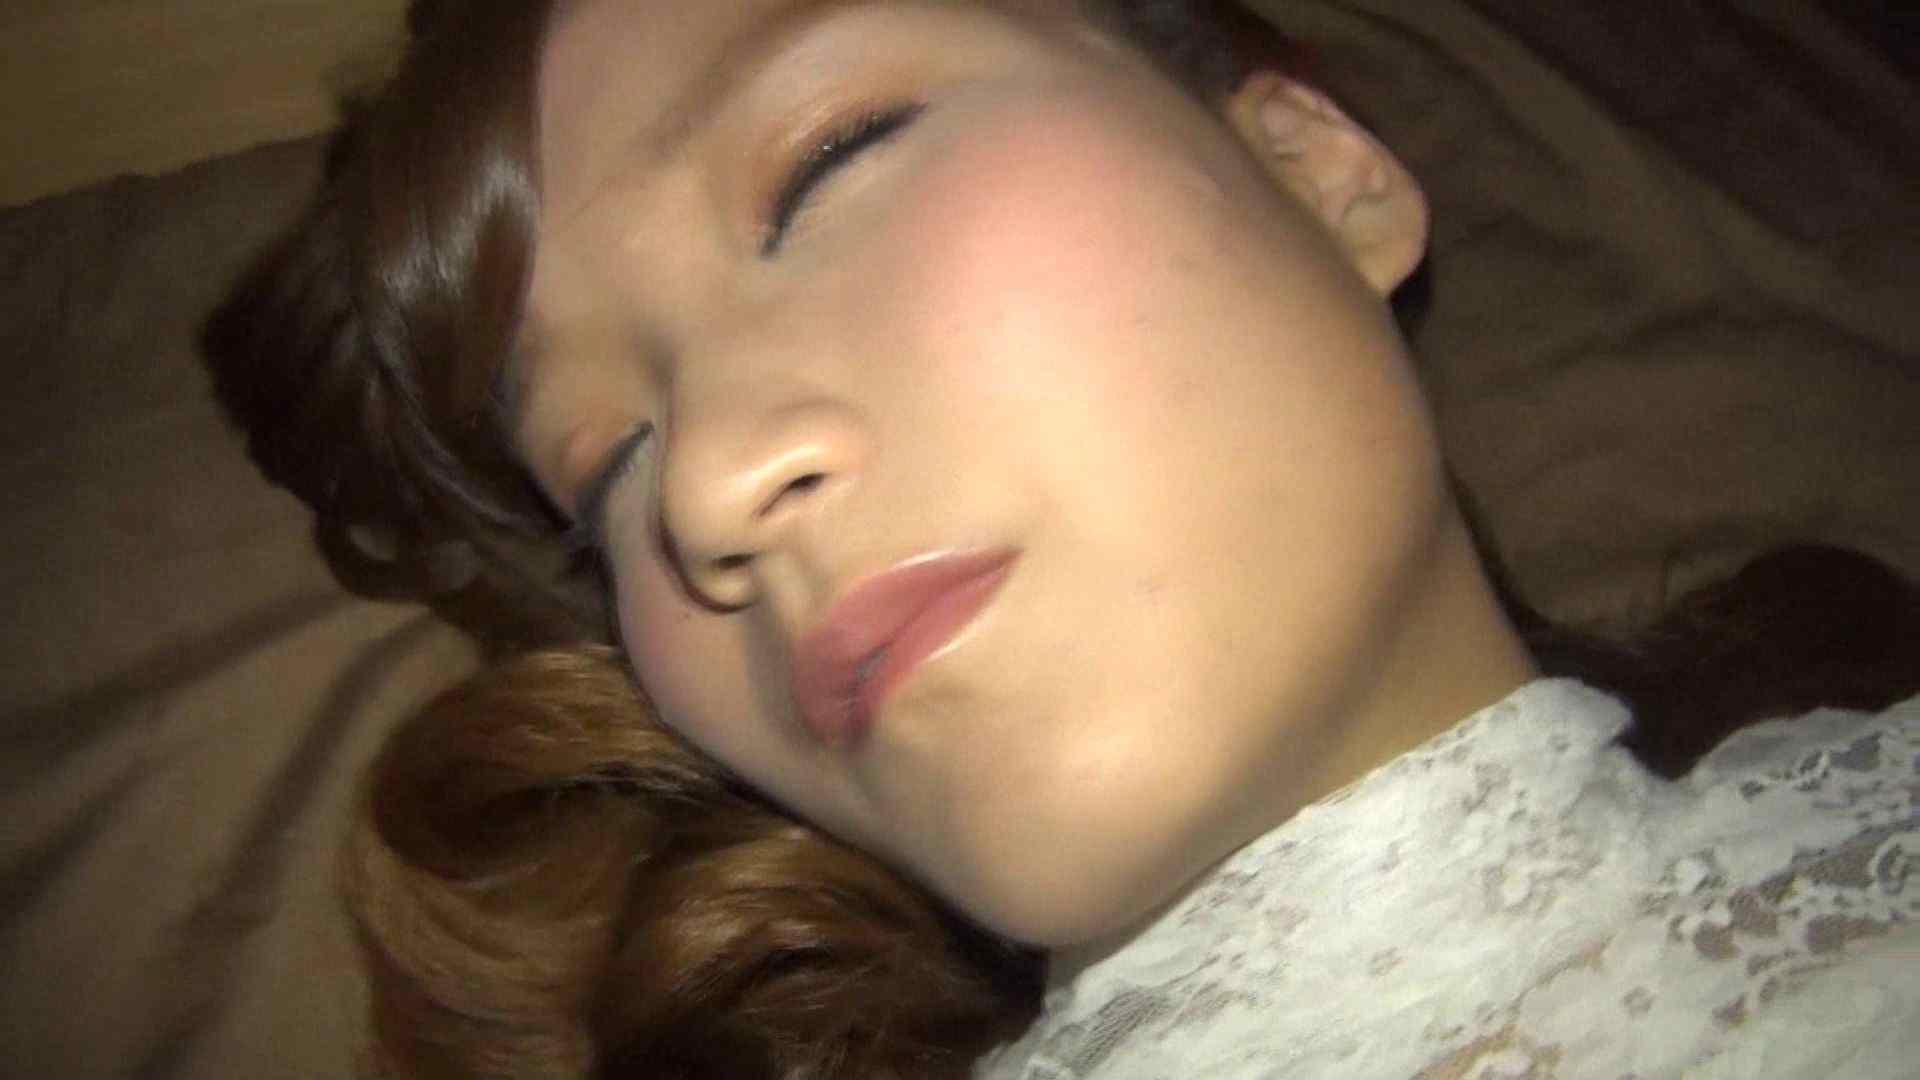 変態ギャル姫のH Vol.10 後編 美女OL 隠し撮りオマンコ動画紹介 67連発 42